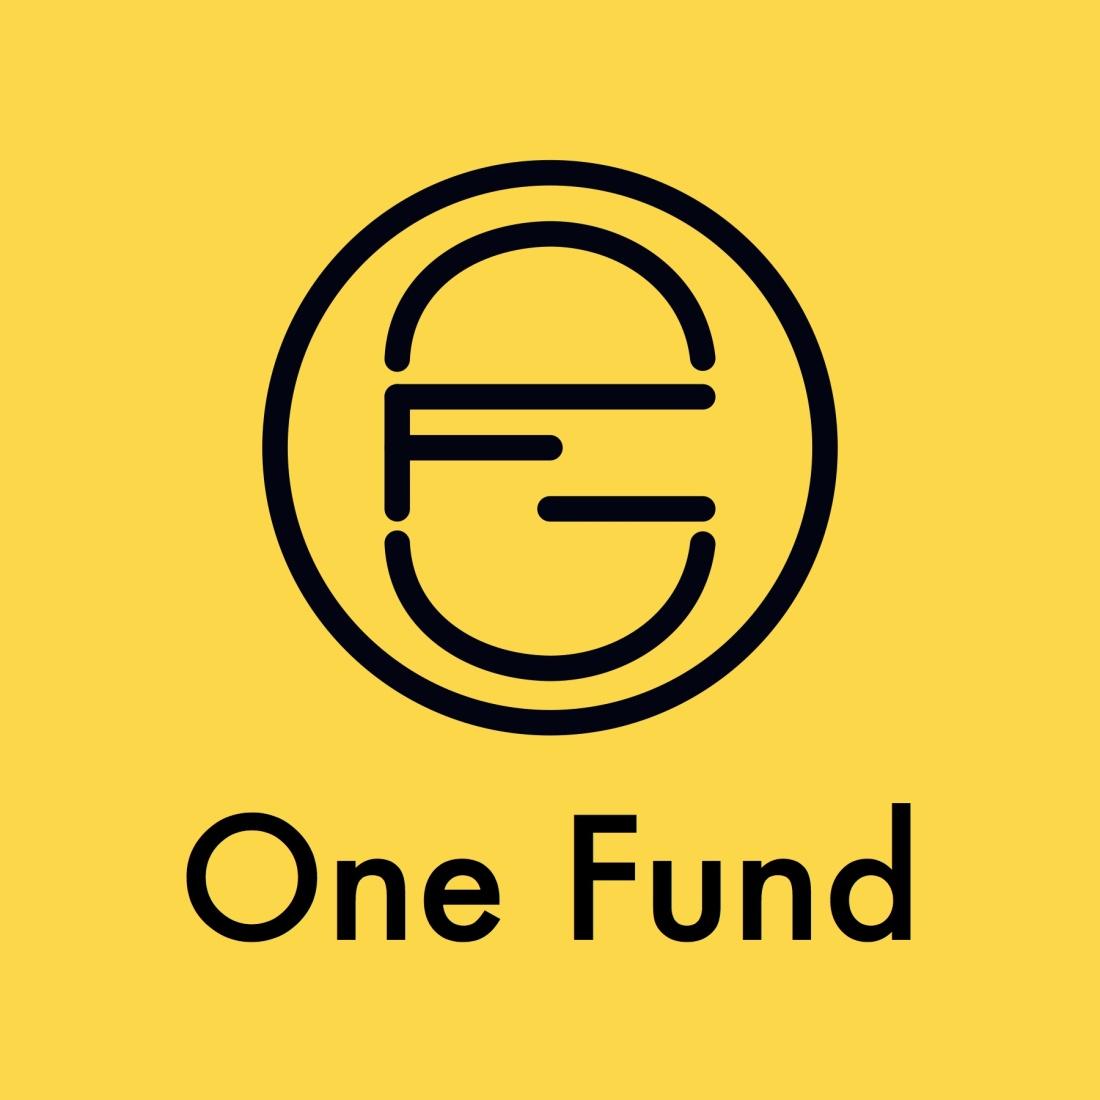 One Fund Yellow.jpg